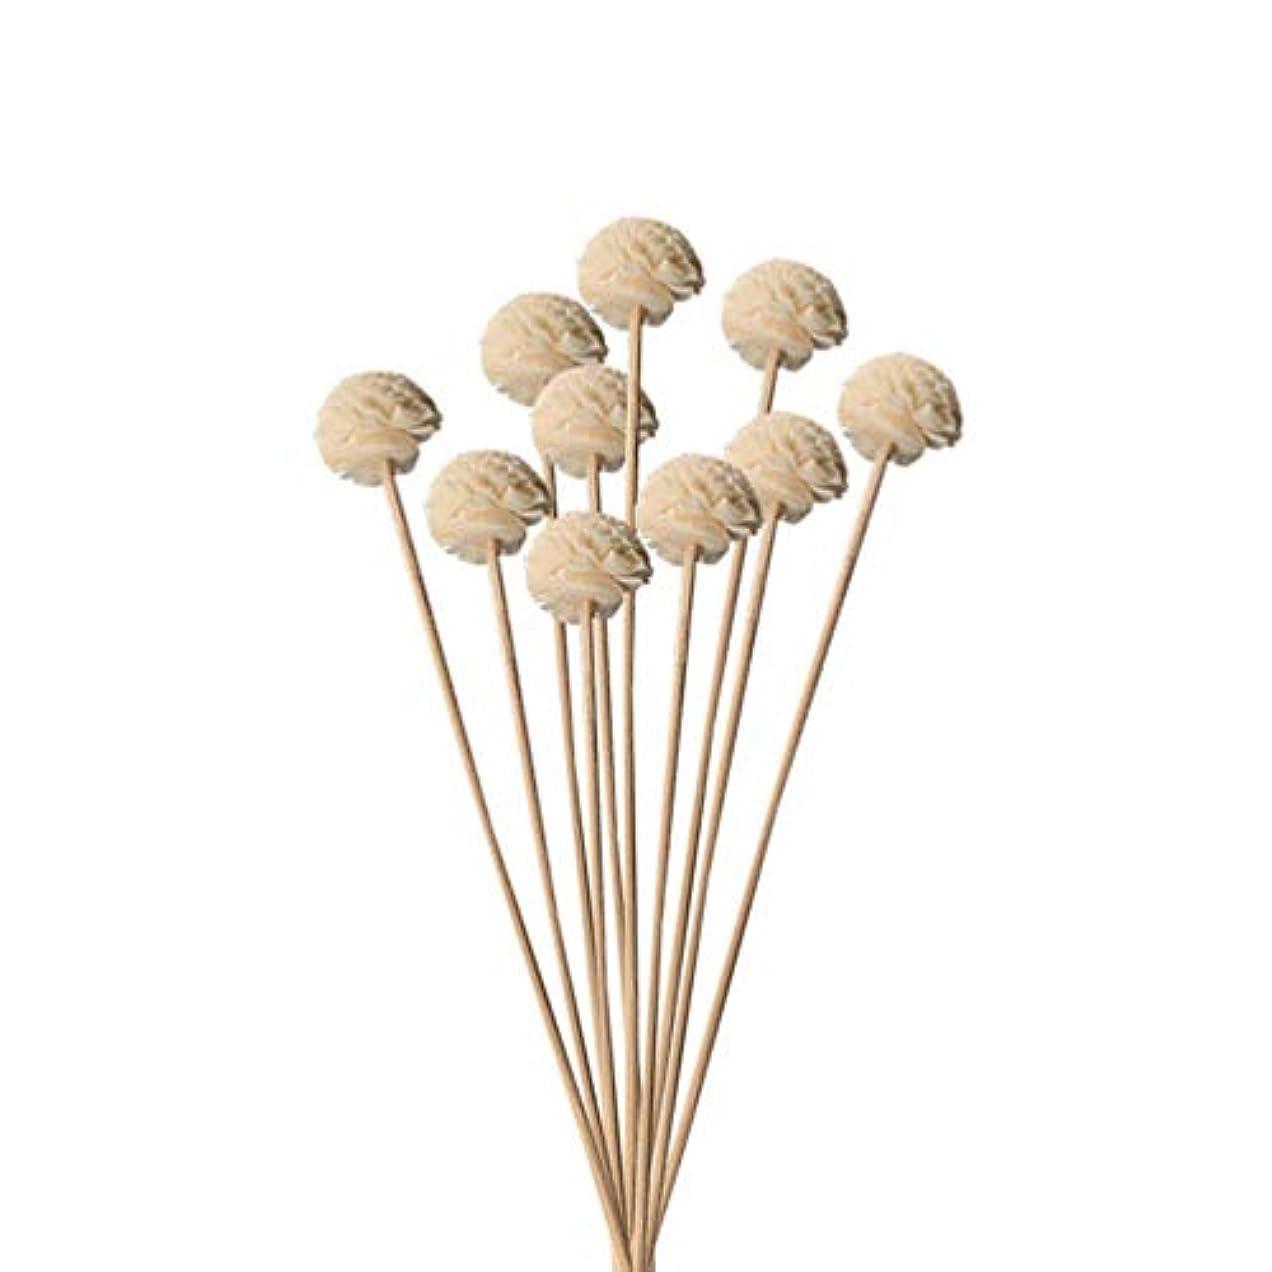 装備する役割湿原Hongma 10本入り 造花 ラタンスティック リードディフューザー用 リフィル 高品質 かわいい クラフト 本色